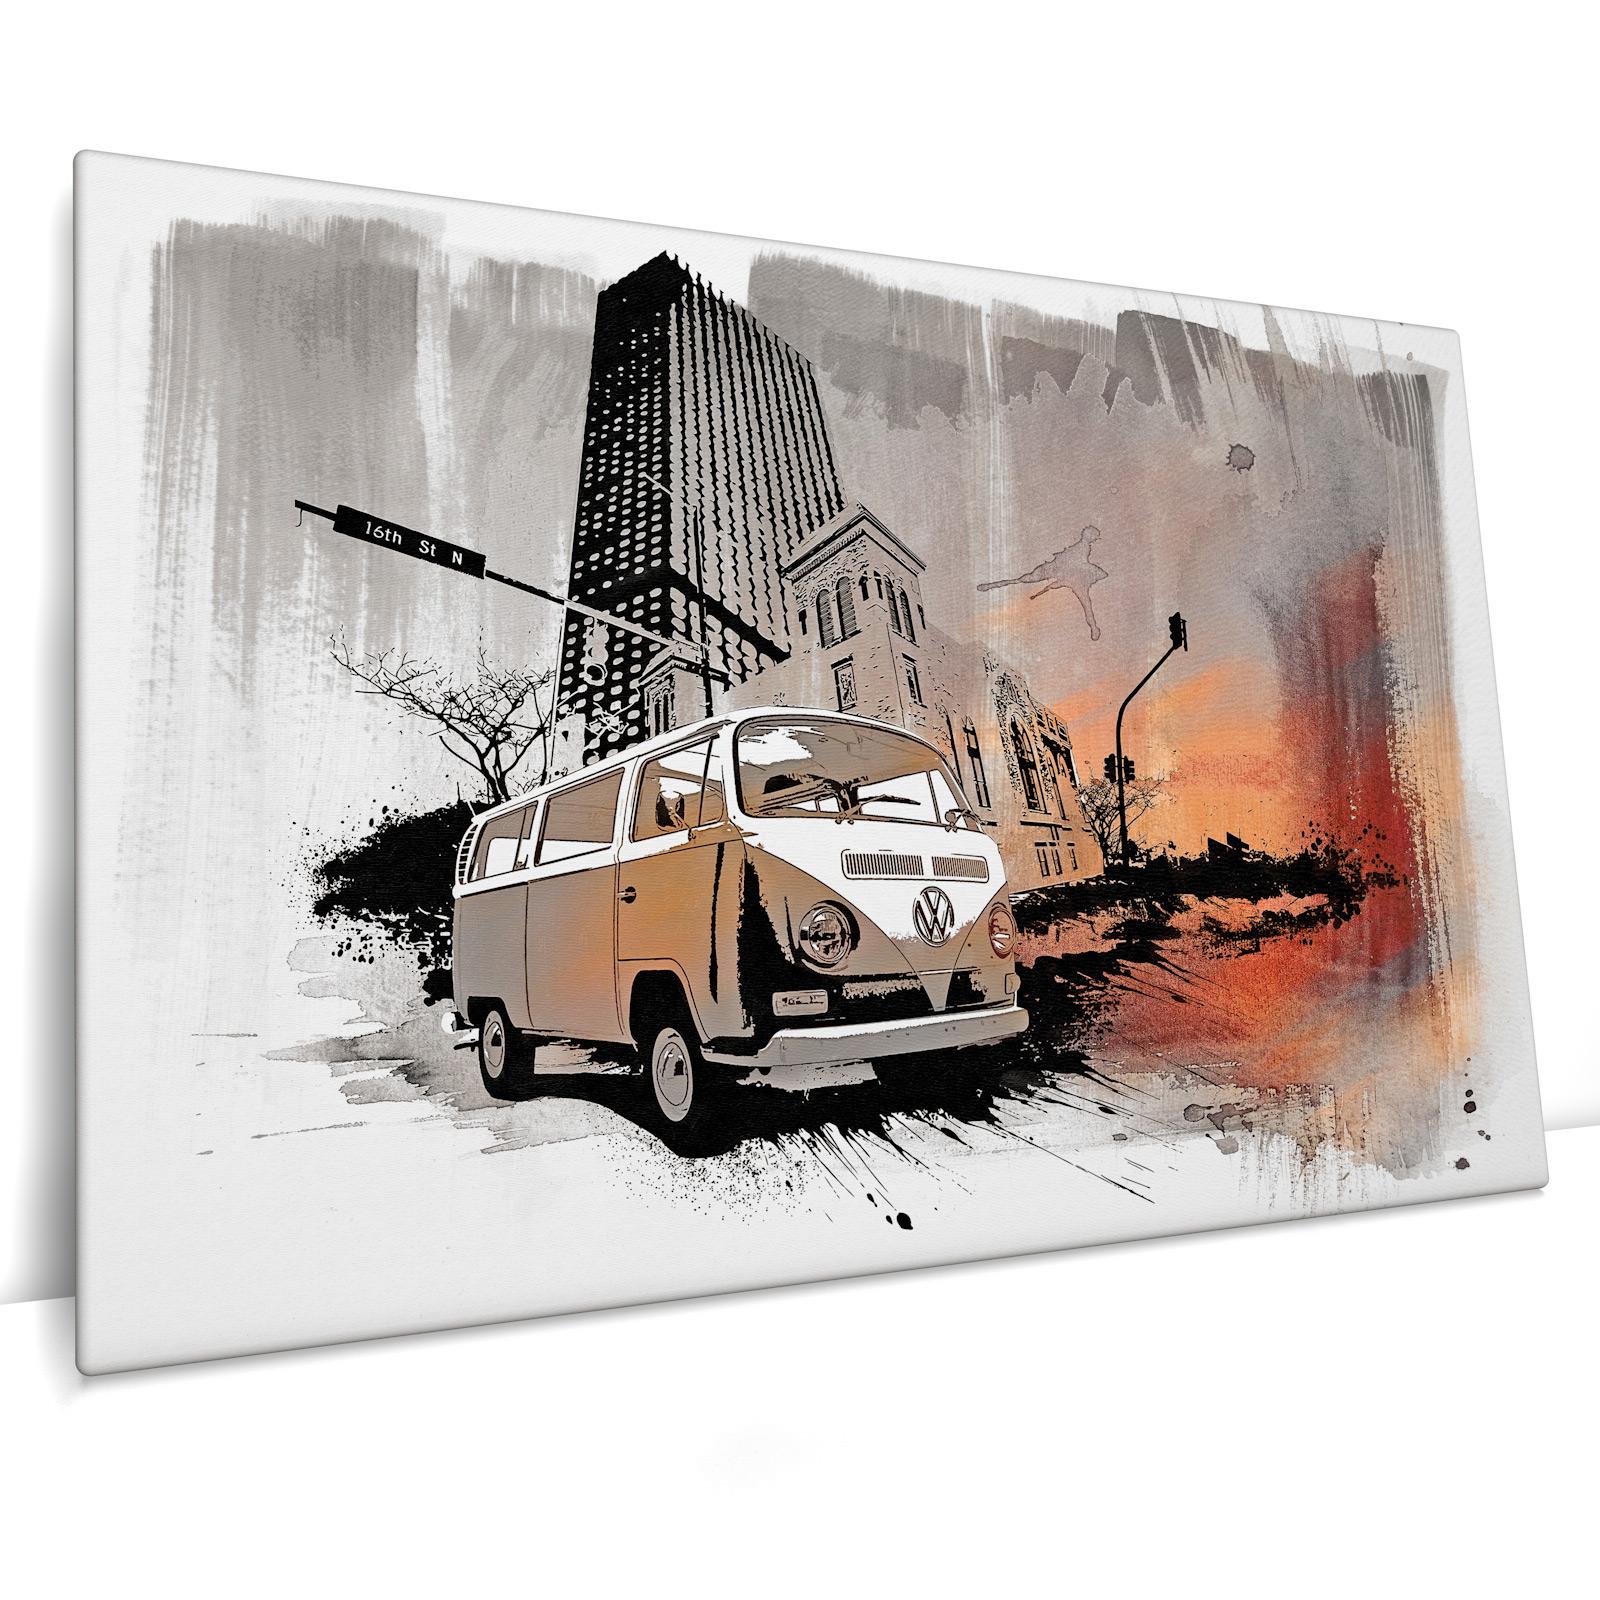 türkis Bild auf Leinwand Keilrahmen Poster XXL 120 cm*80 cm 515 VW Bulli sw